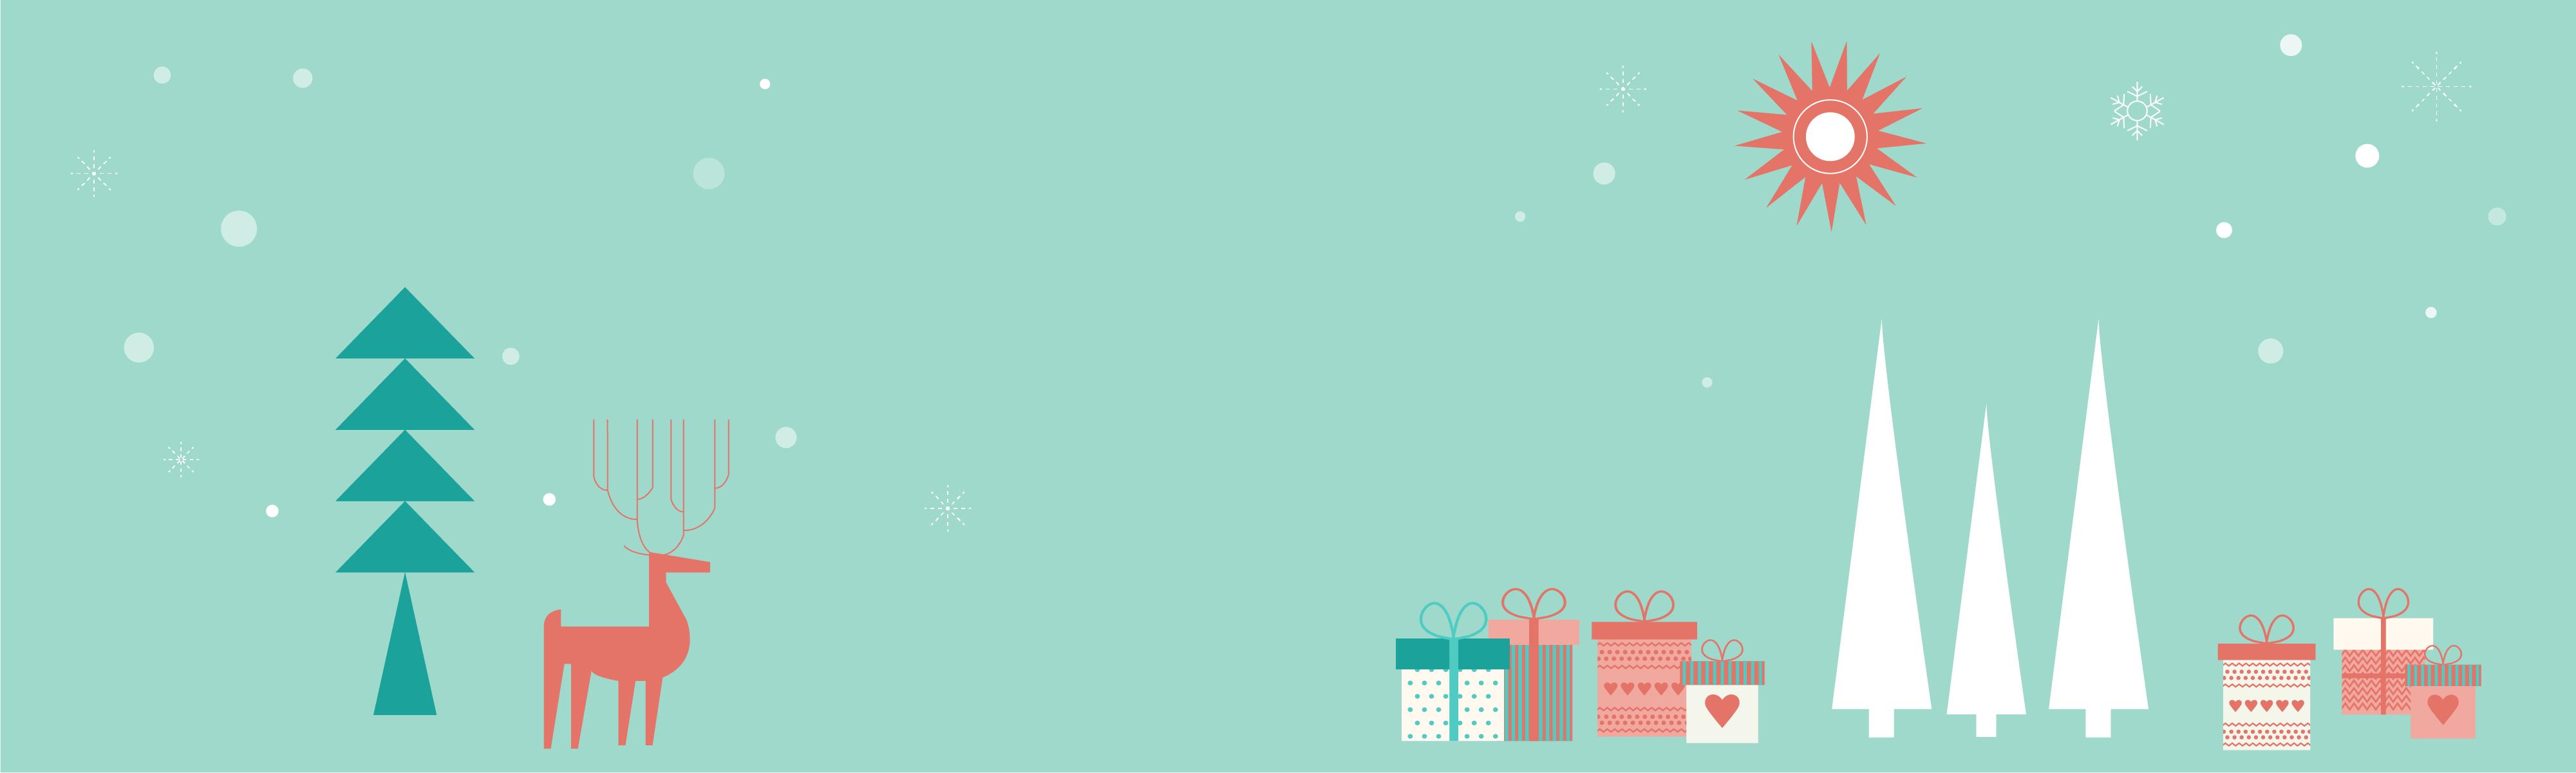 holiday-season-webinar-header3.png